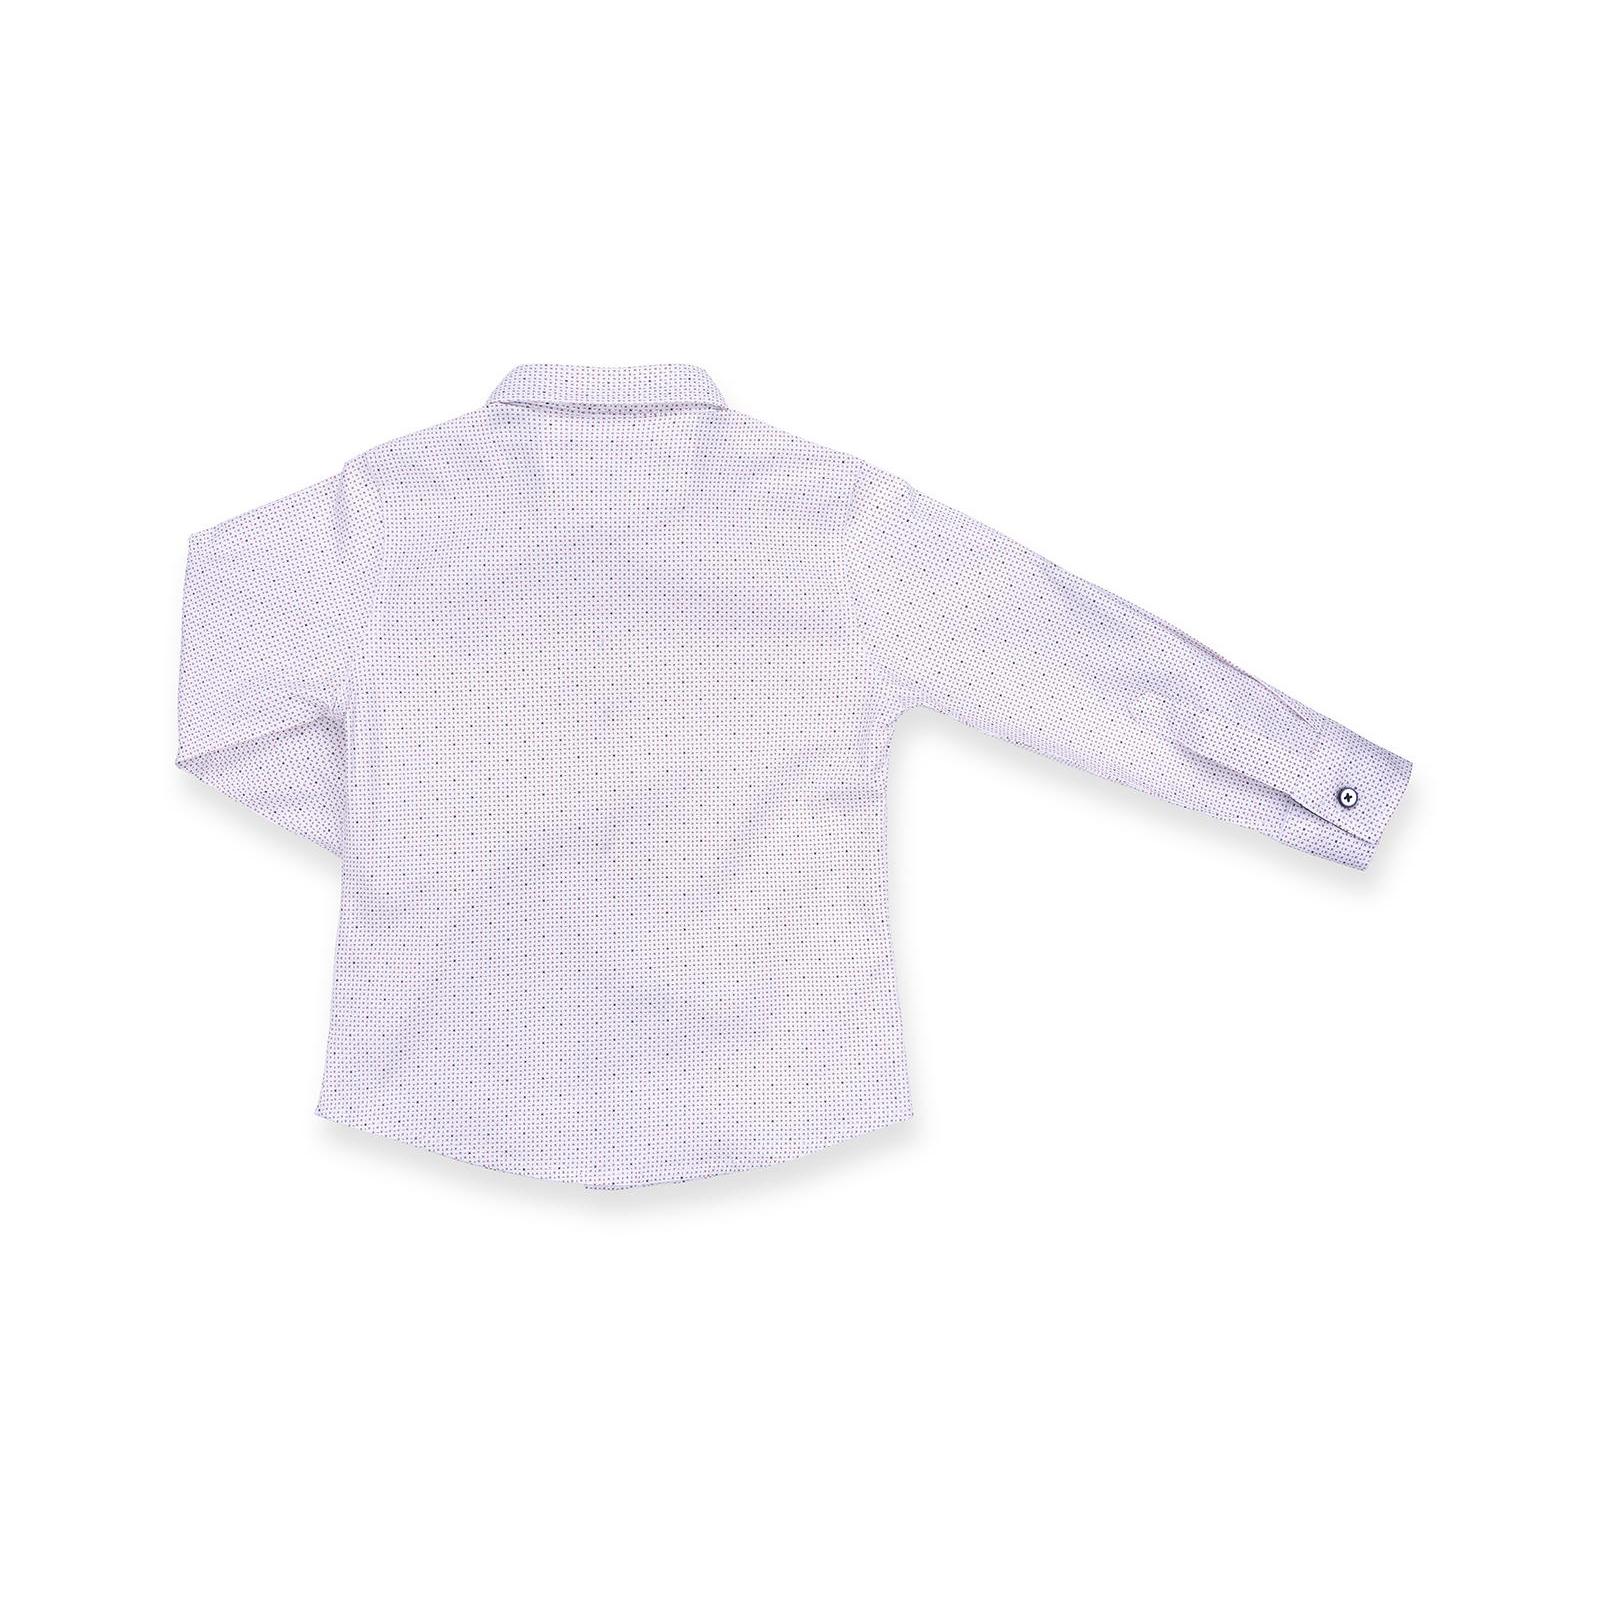 Рубашка E&H с мелким рисунком (G-257-98B-beige) изображение 2